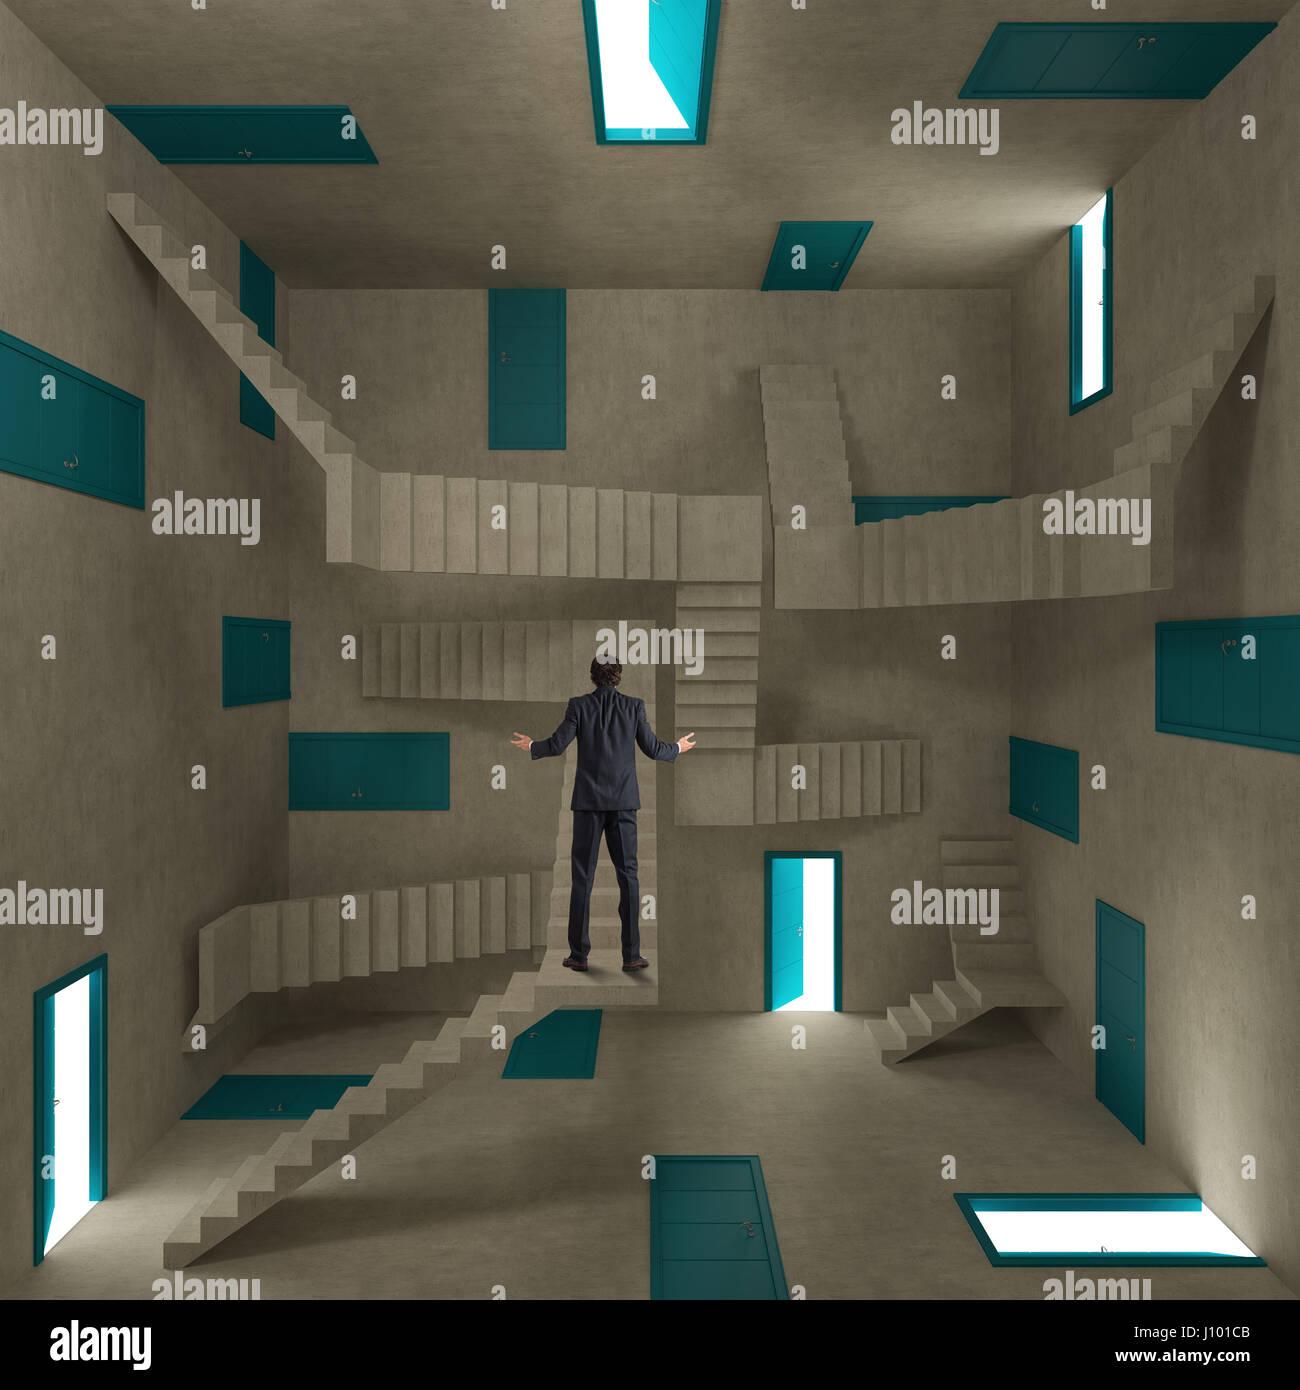 Homme confus dans une salle pleine de portes et escaliers Photo Stock